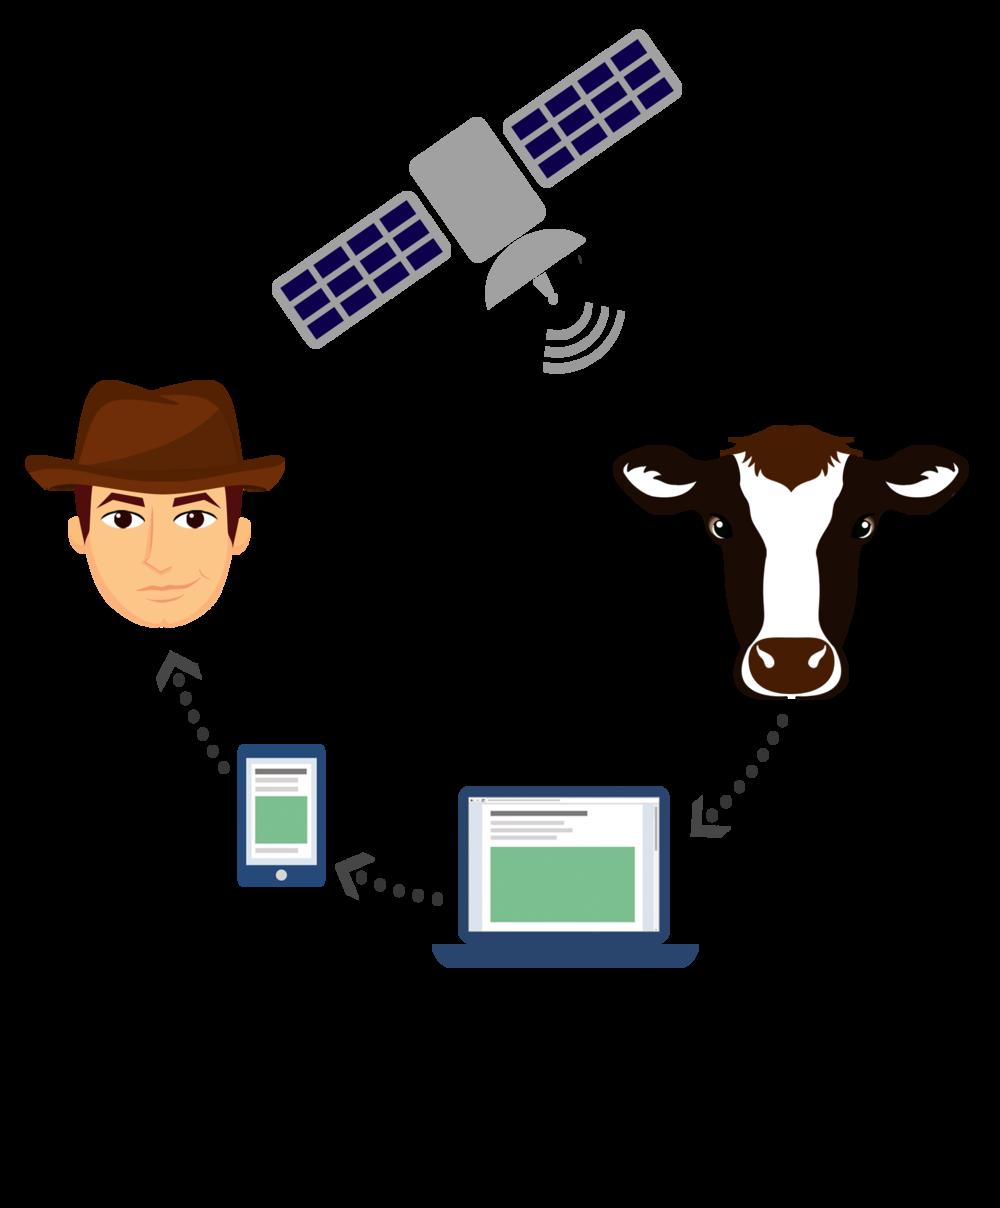 - O animal usa um dispositivo inteligente externo que transmite informações ao servidor da nossa empresa, para processamento e análise.